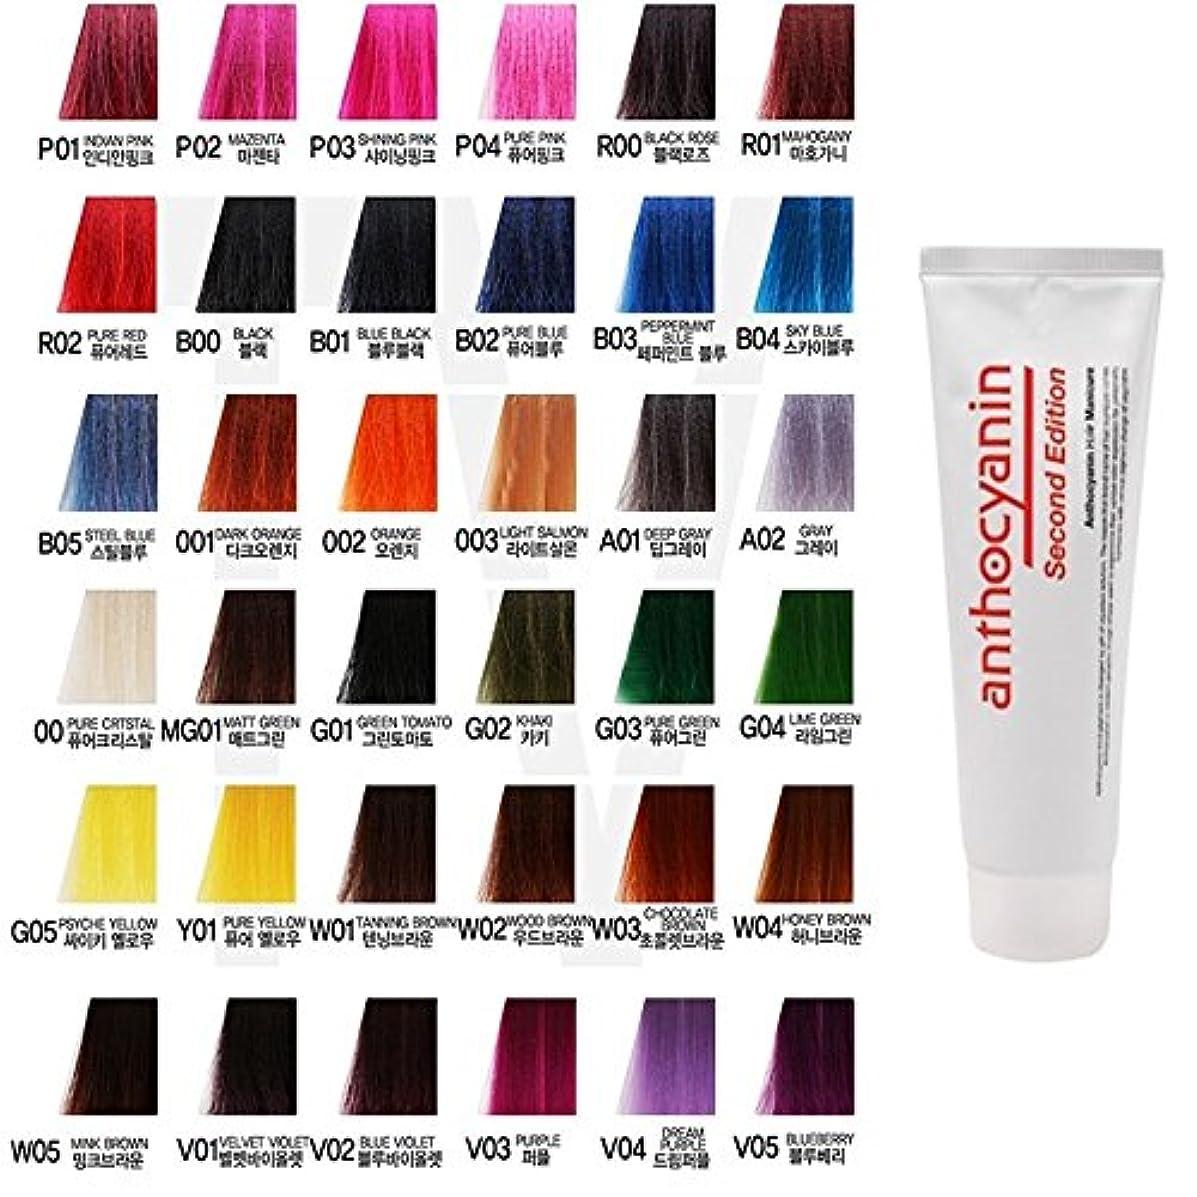 ヘア マニキュア カラー セカンド エディション 230g セミ パーマネント 染毛剤 ( Hair Manicure Color Second Edition 230g Semi Permanent Hair Dye) [並行輸入品] (O12 Coral Orange)